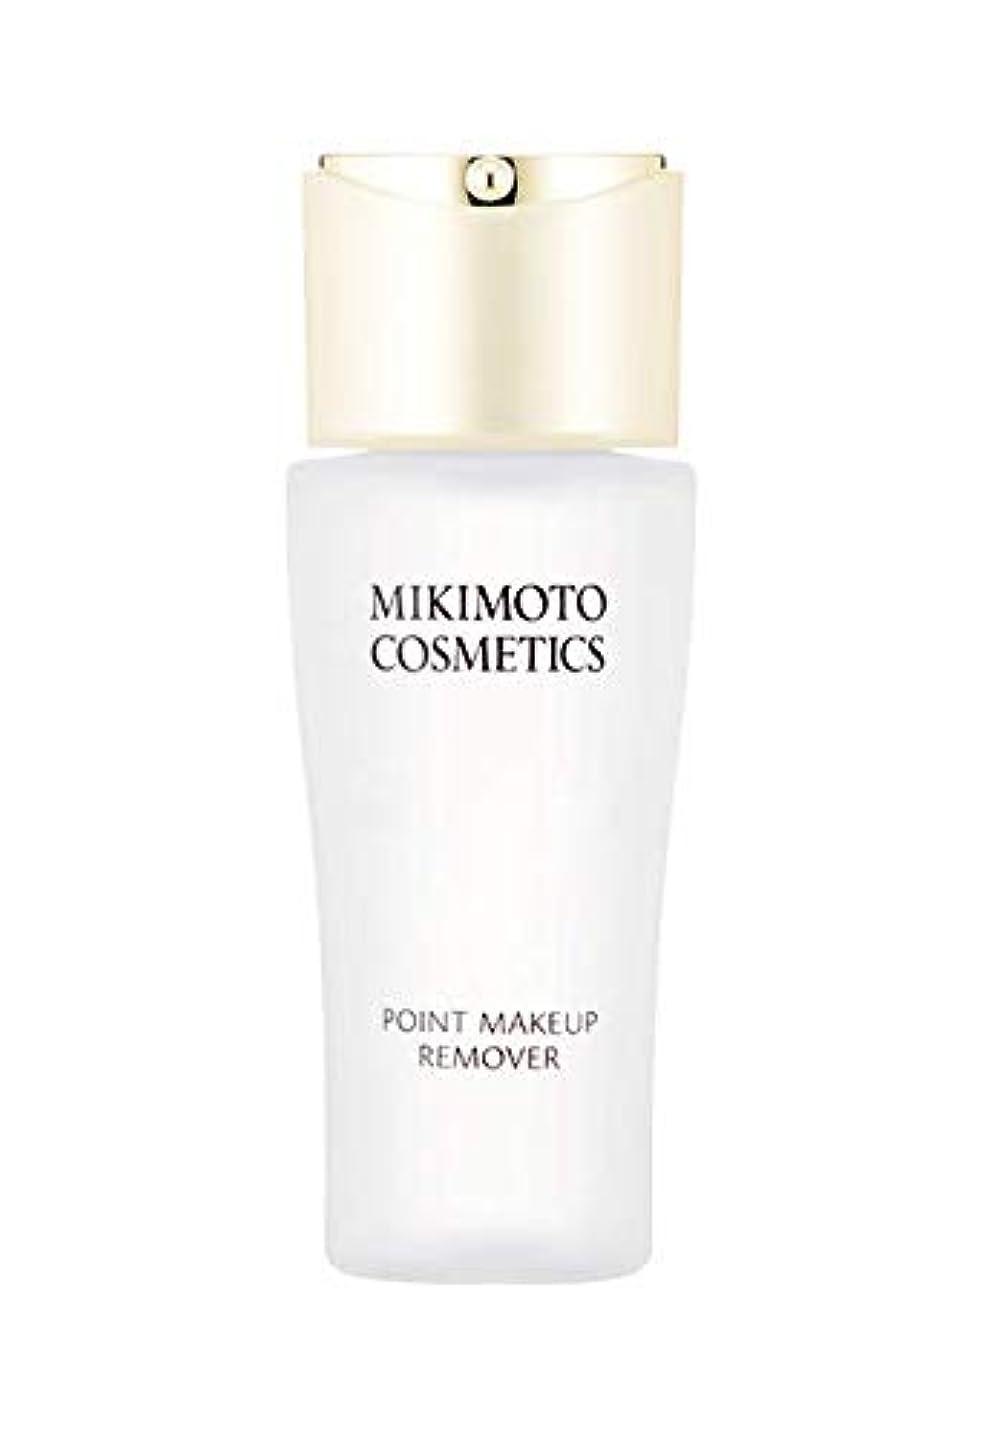 ビルダー賄賂懸念mikimoto(ミキモト)正規品 素早くお肌に優しい ポイントメイクアップリムーバー